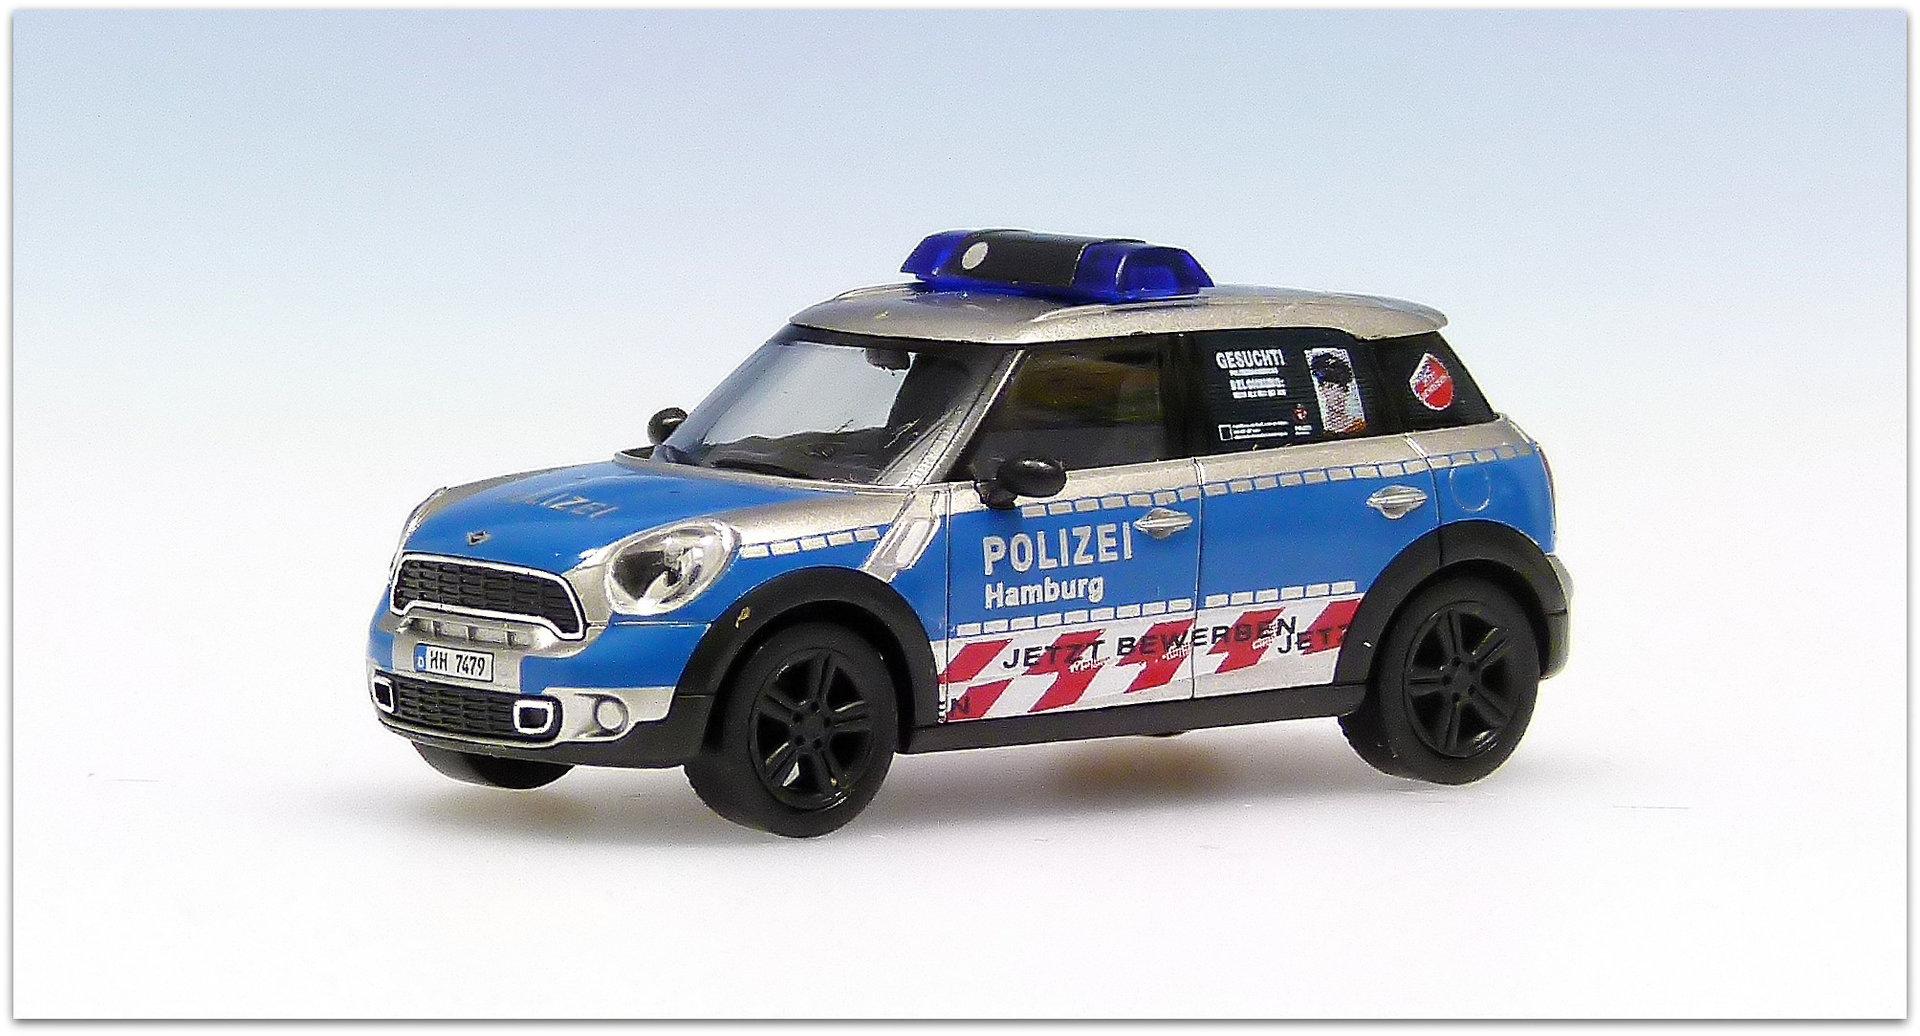 bmw mini cooper countryman polizei hamburg version 1 hh 7479 - Bewerbung Polizei Hamburg